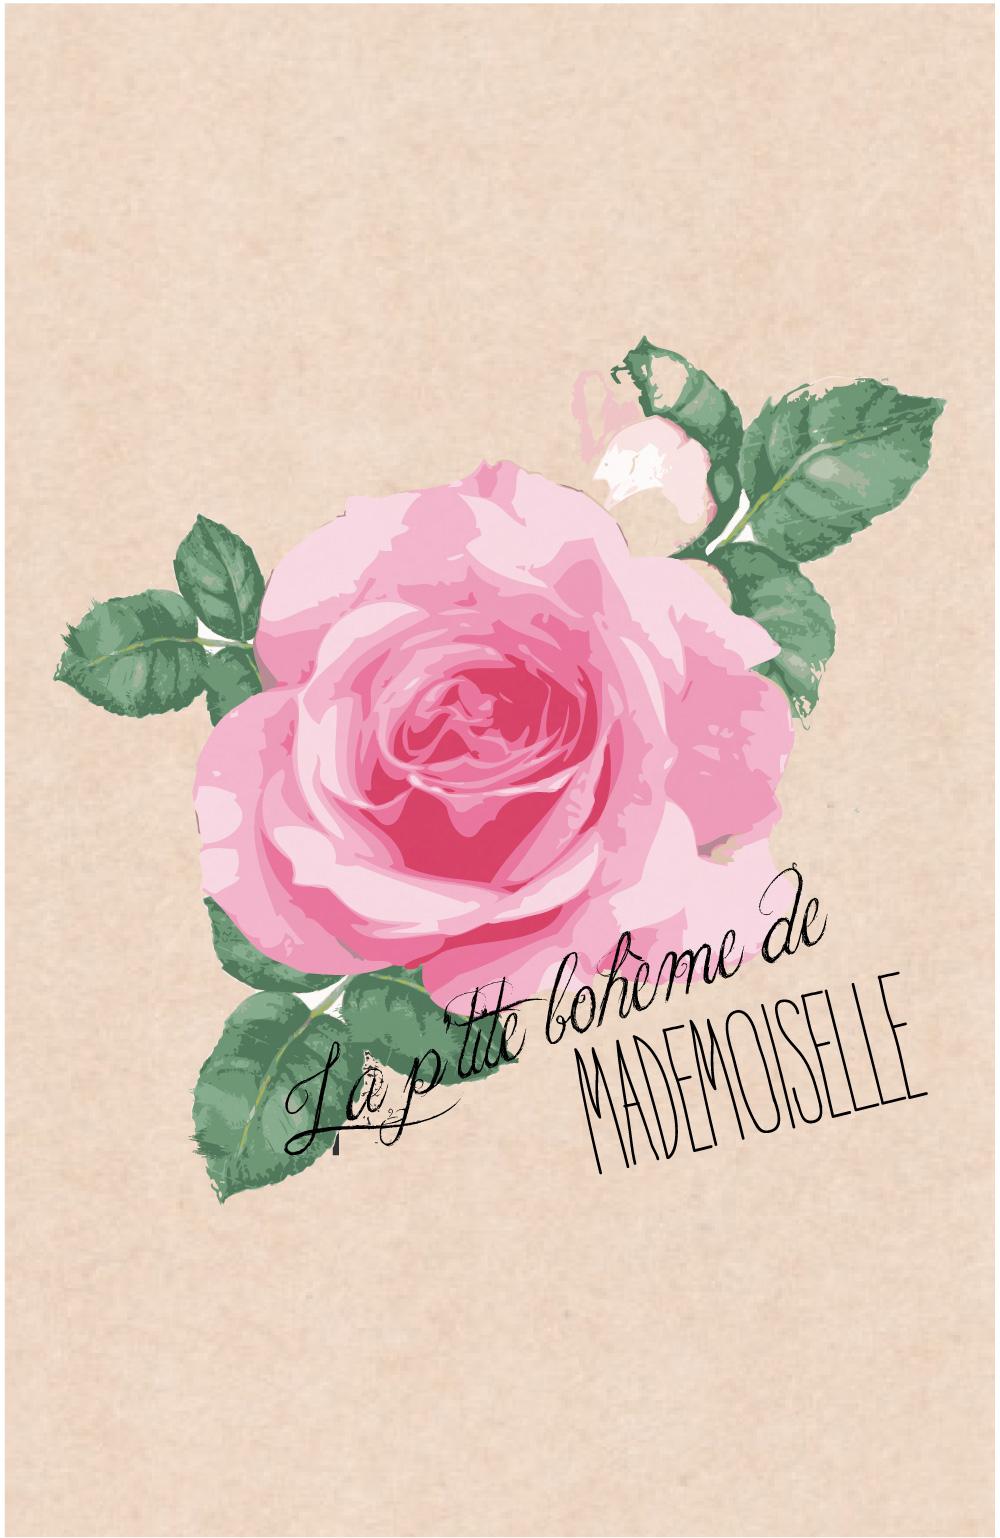 La P'tite Bohème de Mademoiselle